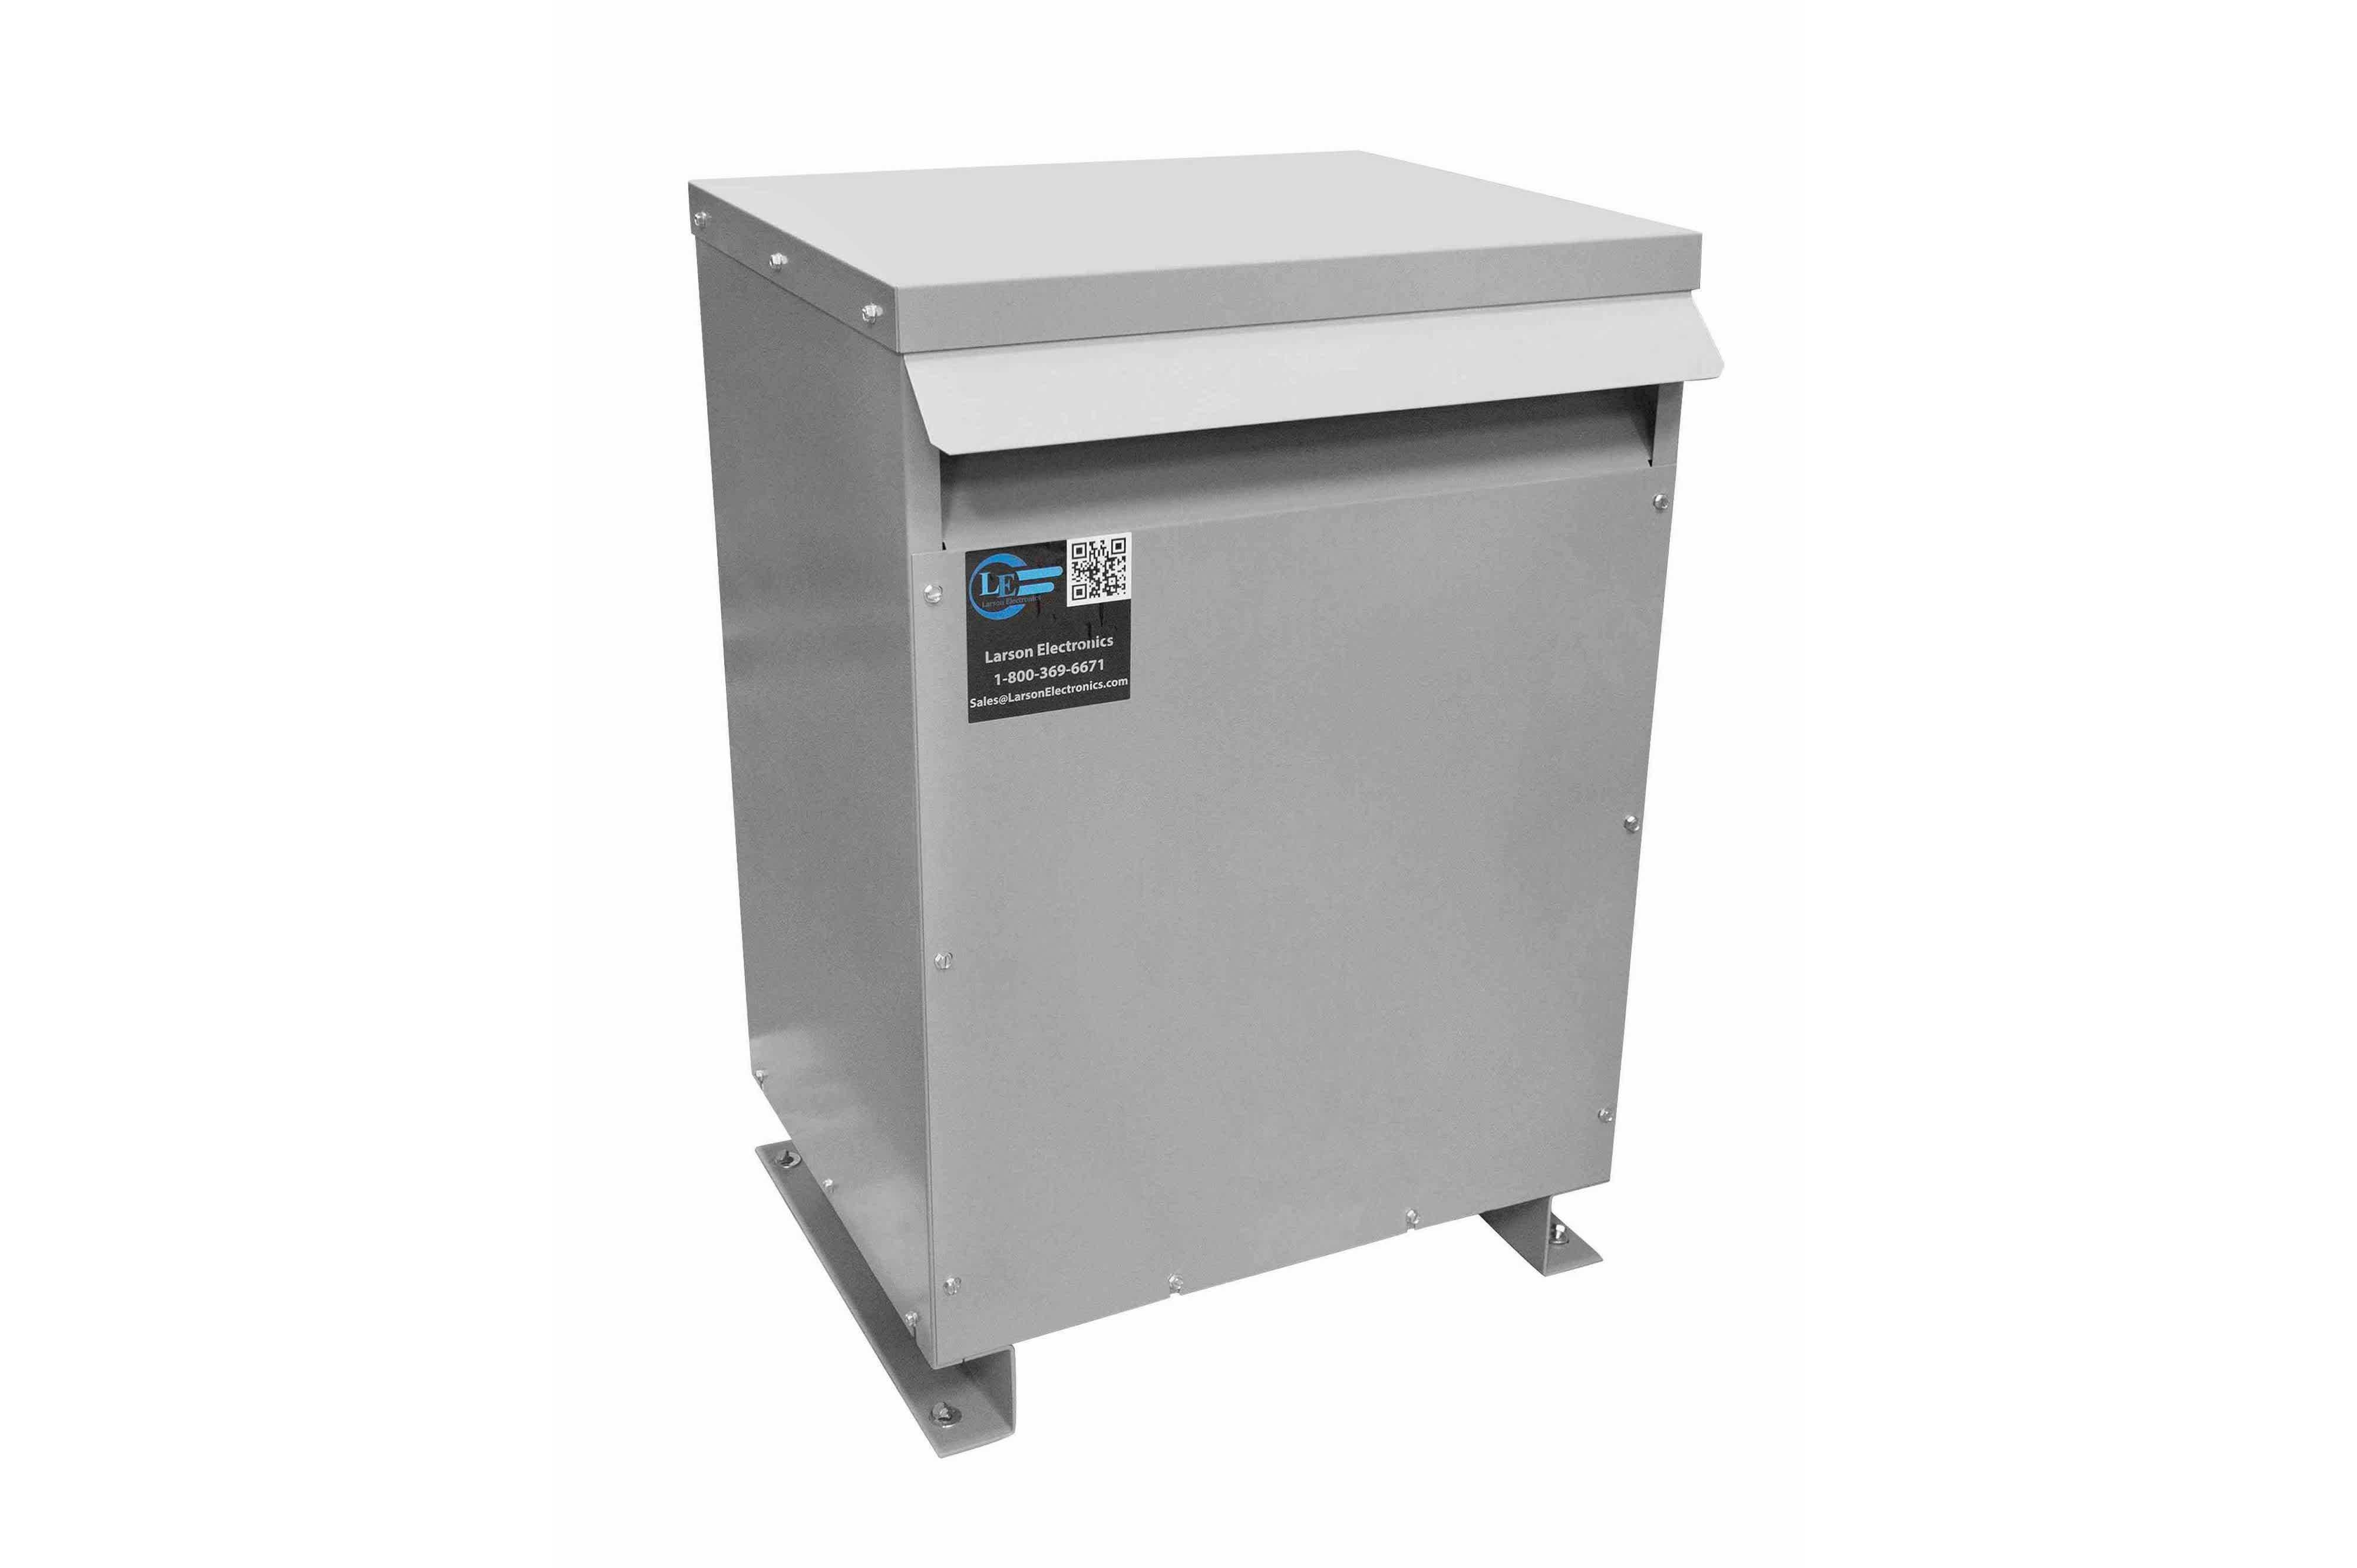 42.5 kVA 3PH Isolation Transformer, 208V Delta Primary, 480V Delta Secondary, N3R, Ventilated, 60 Hz